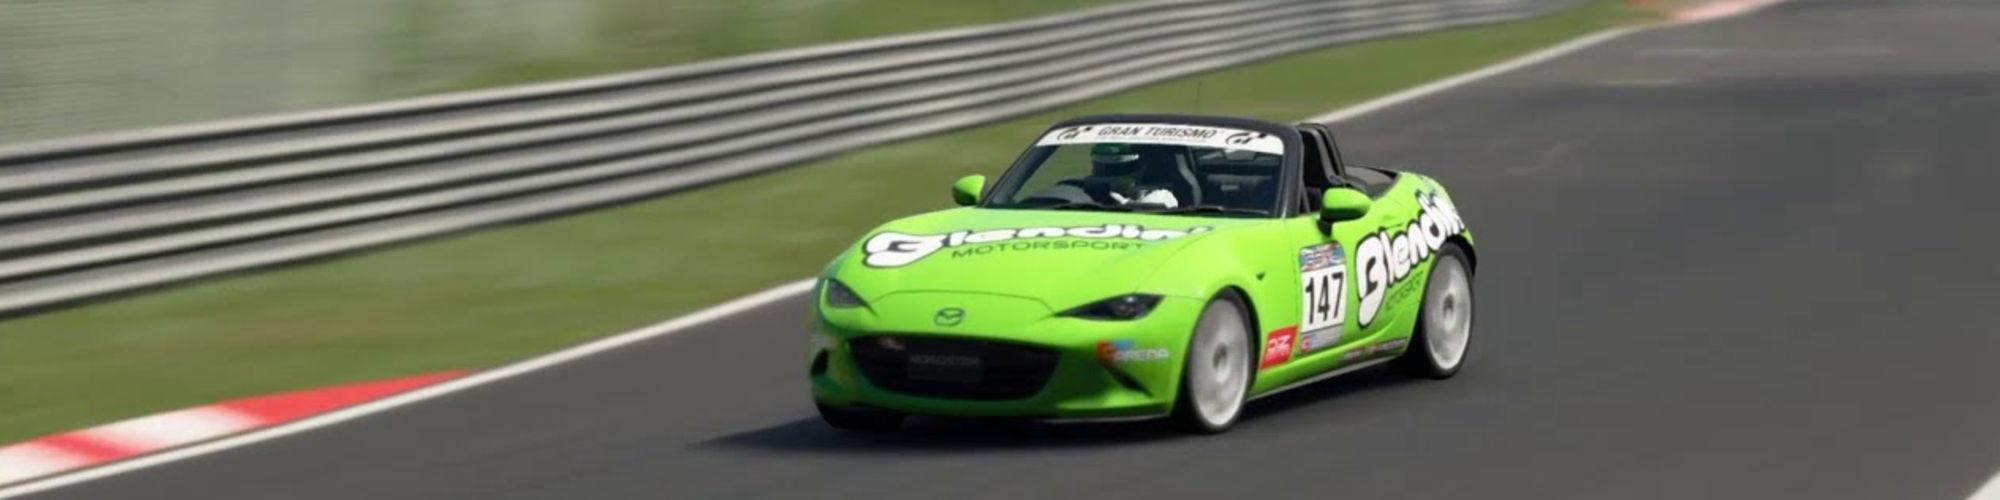 Blendini Motorsport